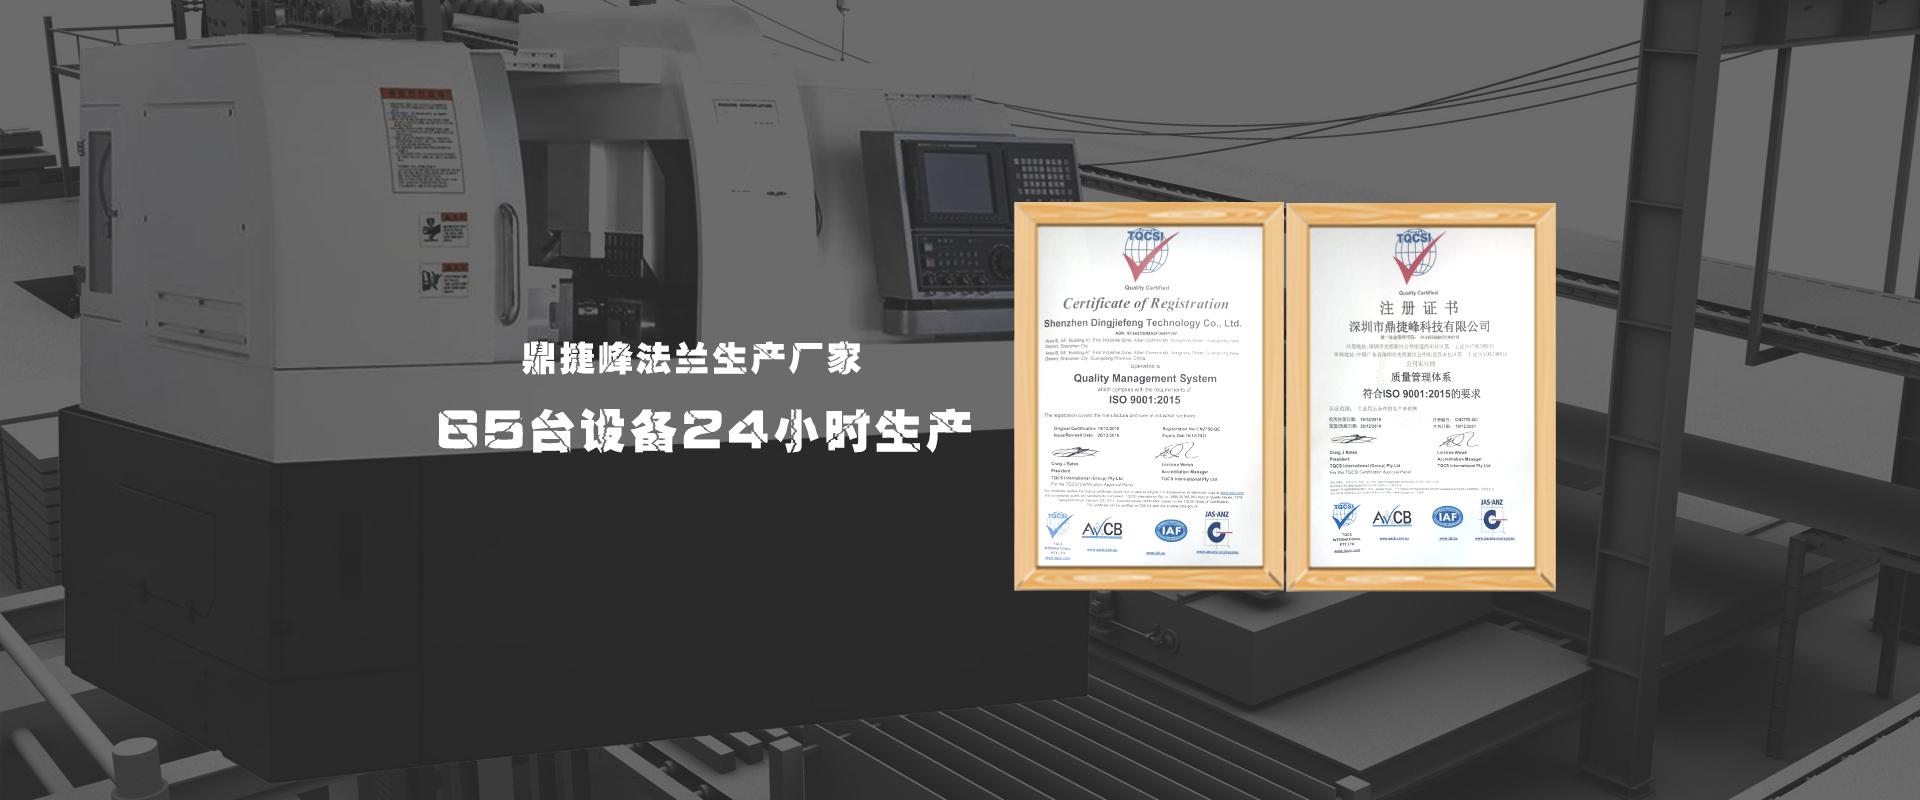 深圳(chou)市鼎捷峰科技有限公司